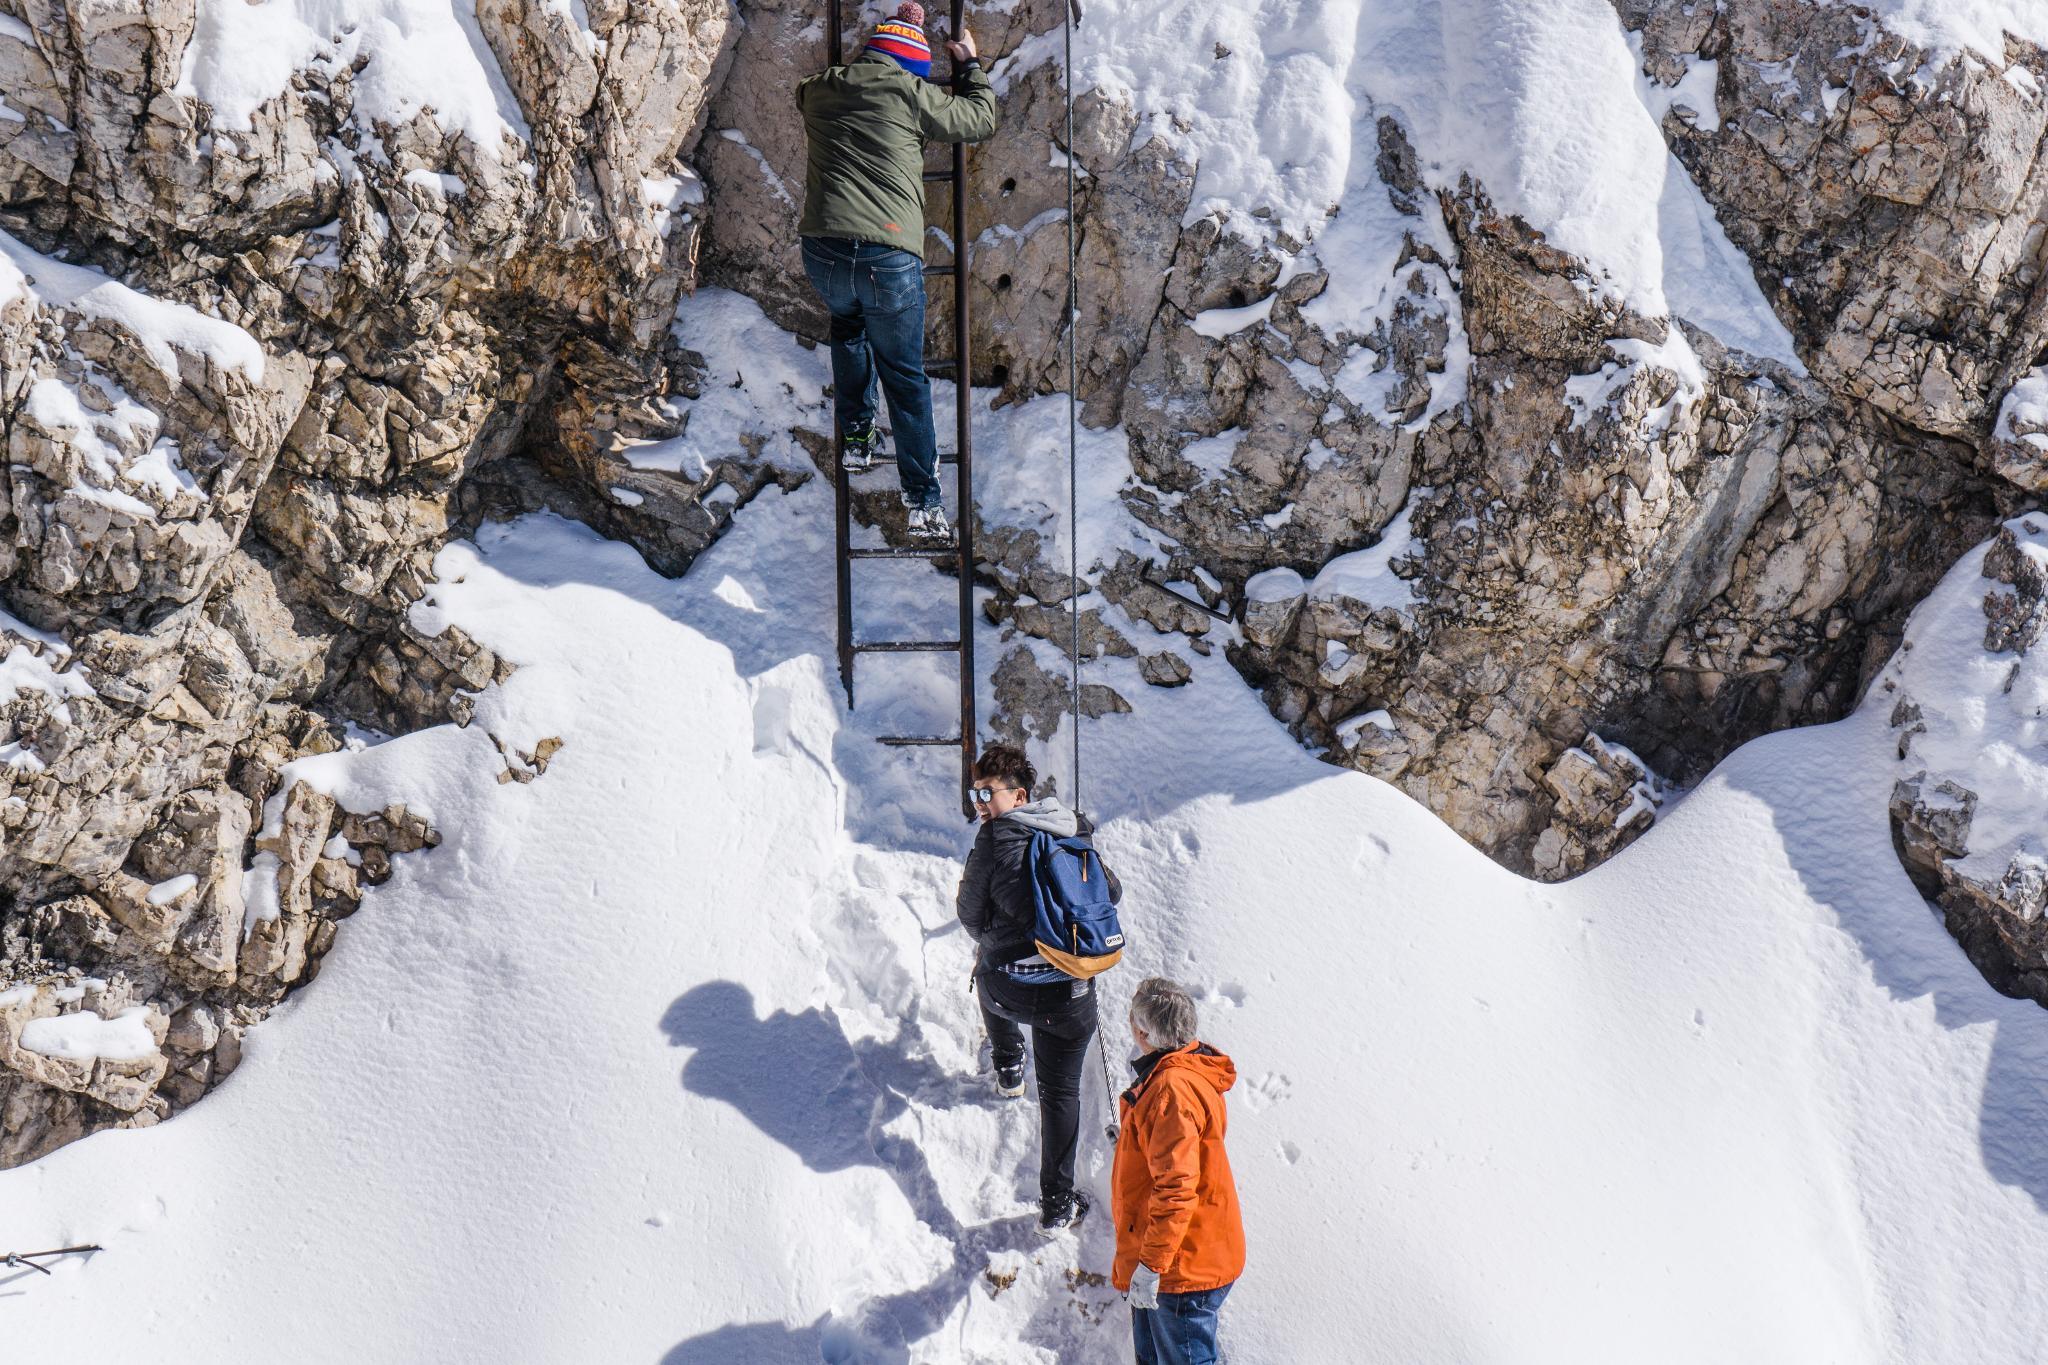 【德國】阿爾卑斯大道:楚格峰 (Zugspitze) 登上德國之巔 55